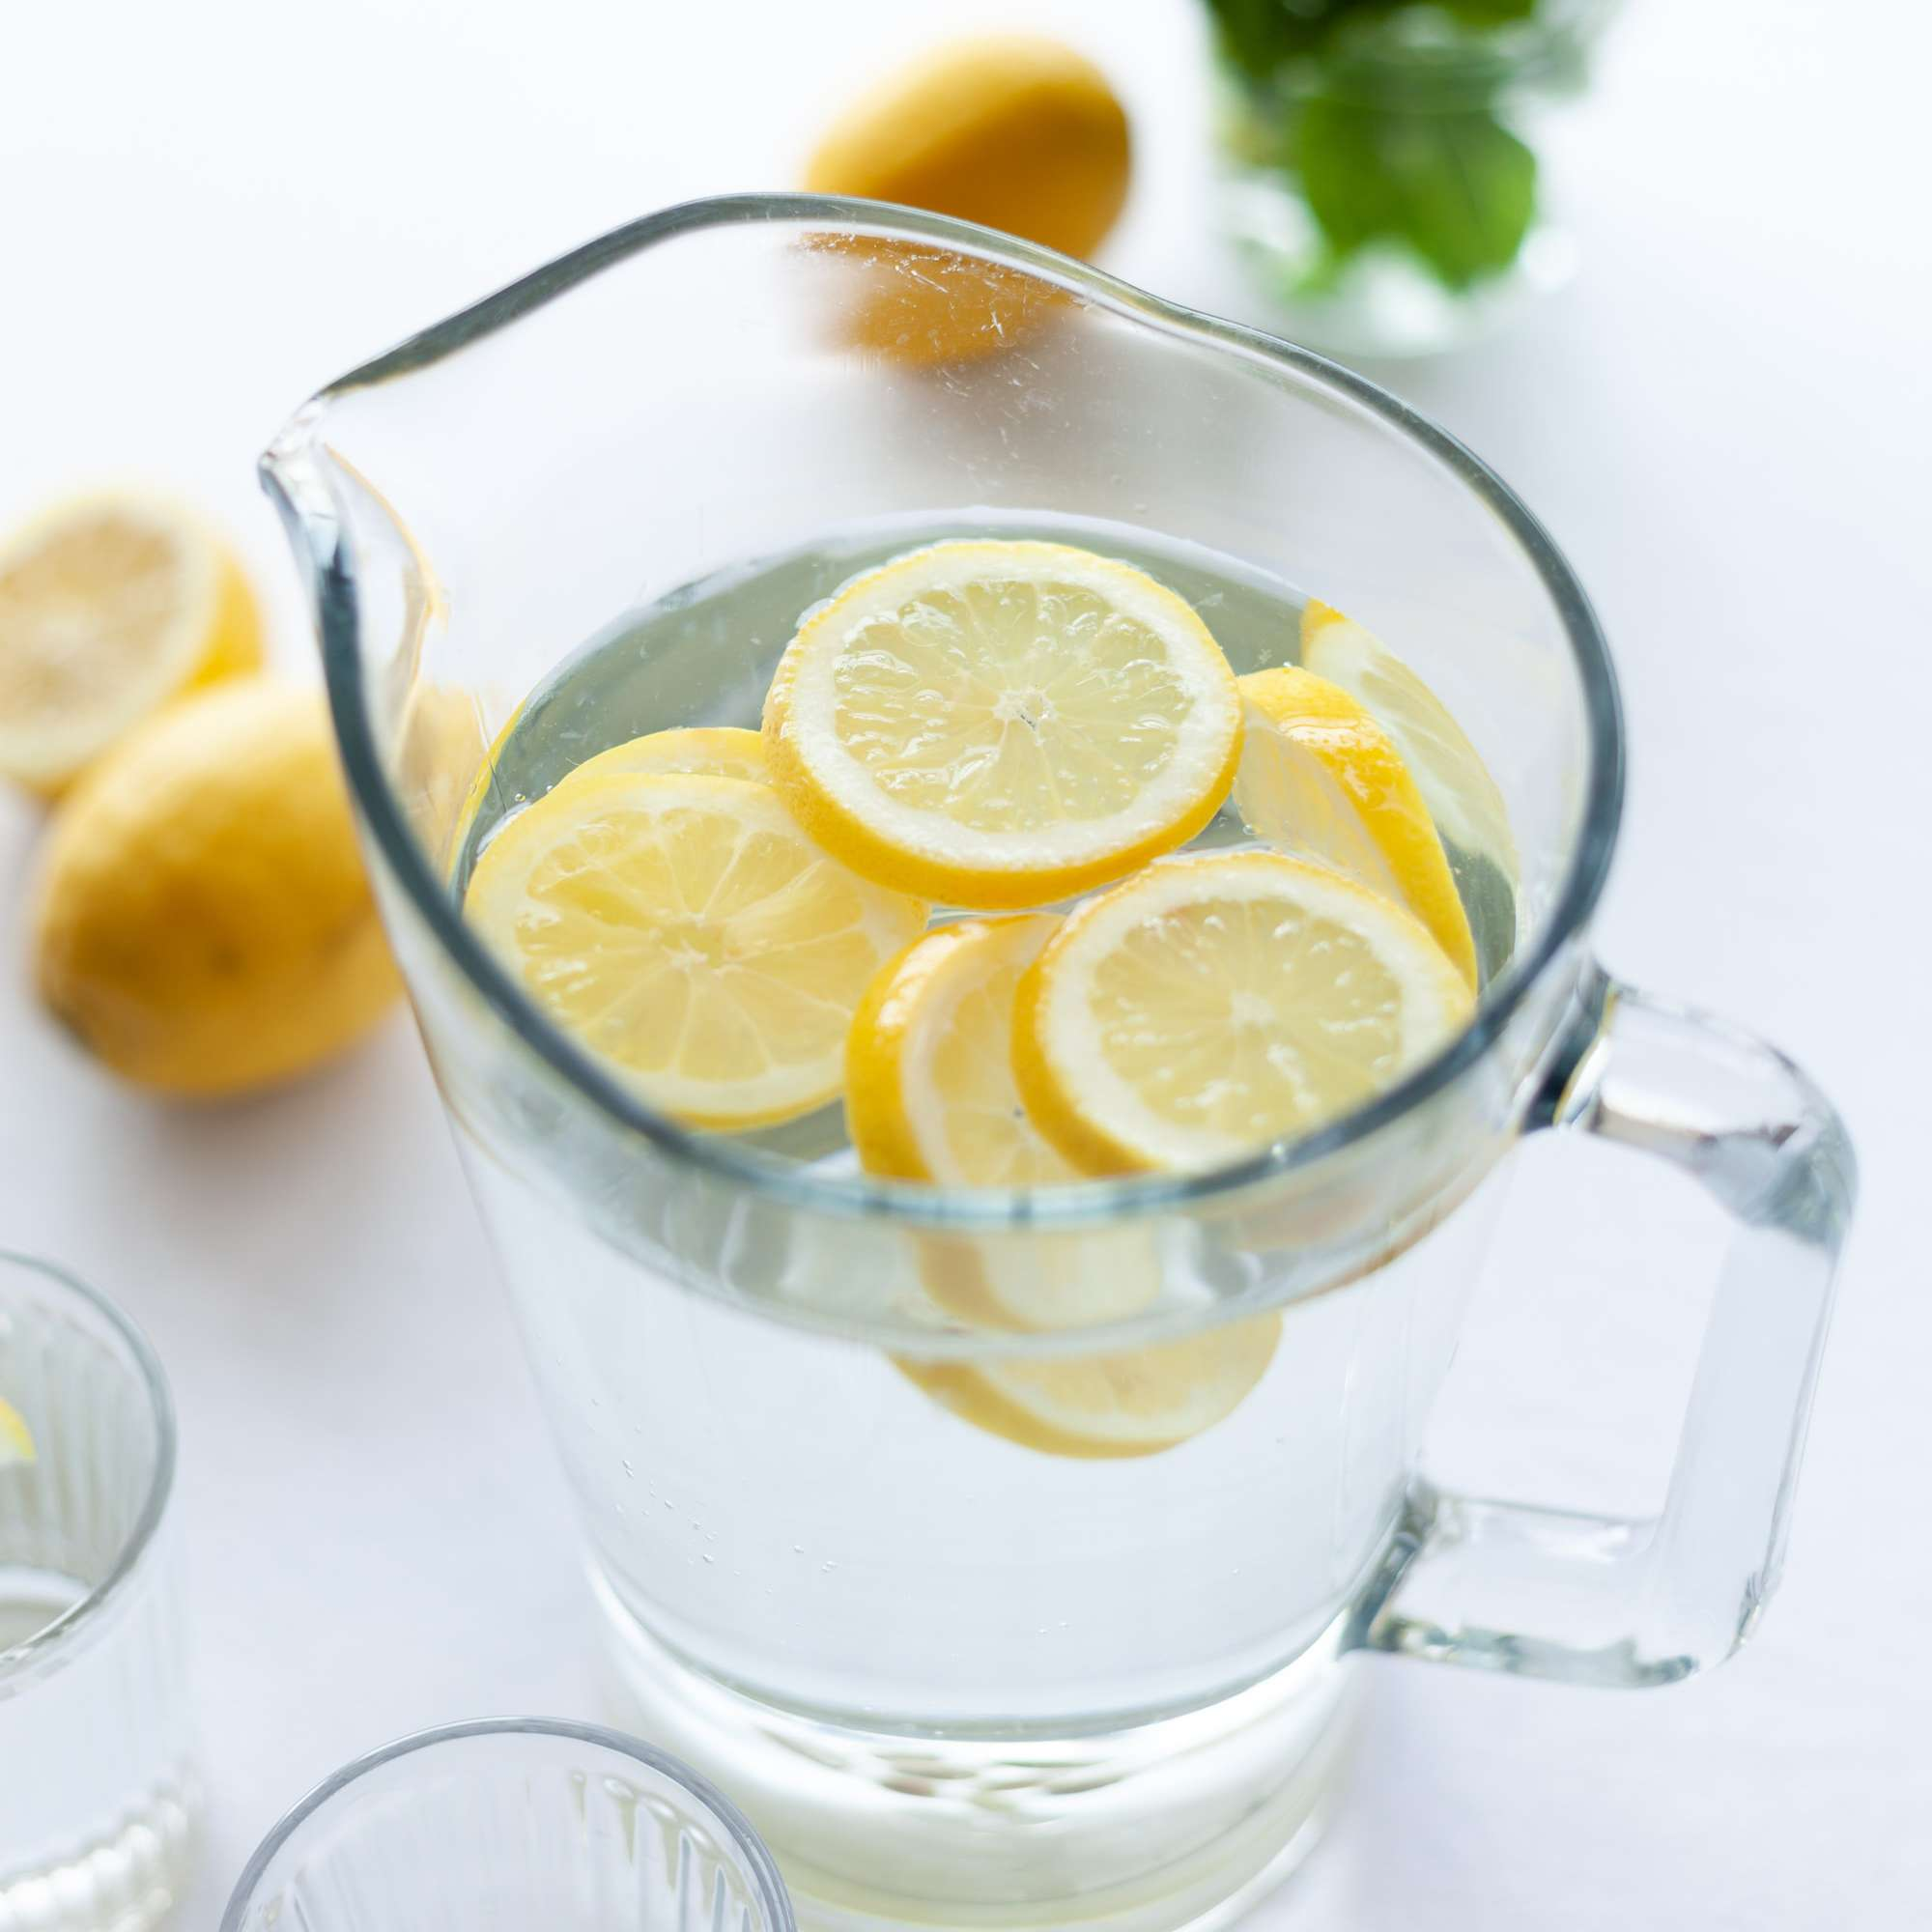 pitcher full of lemon water